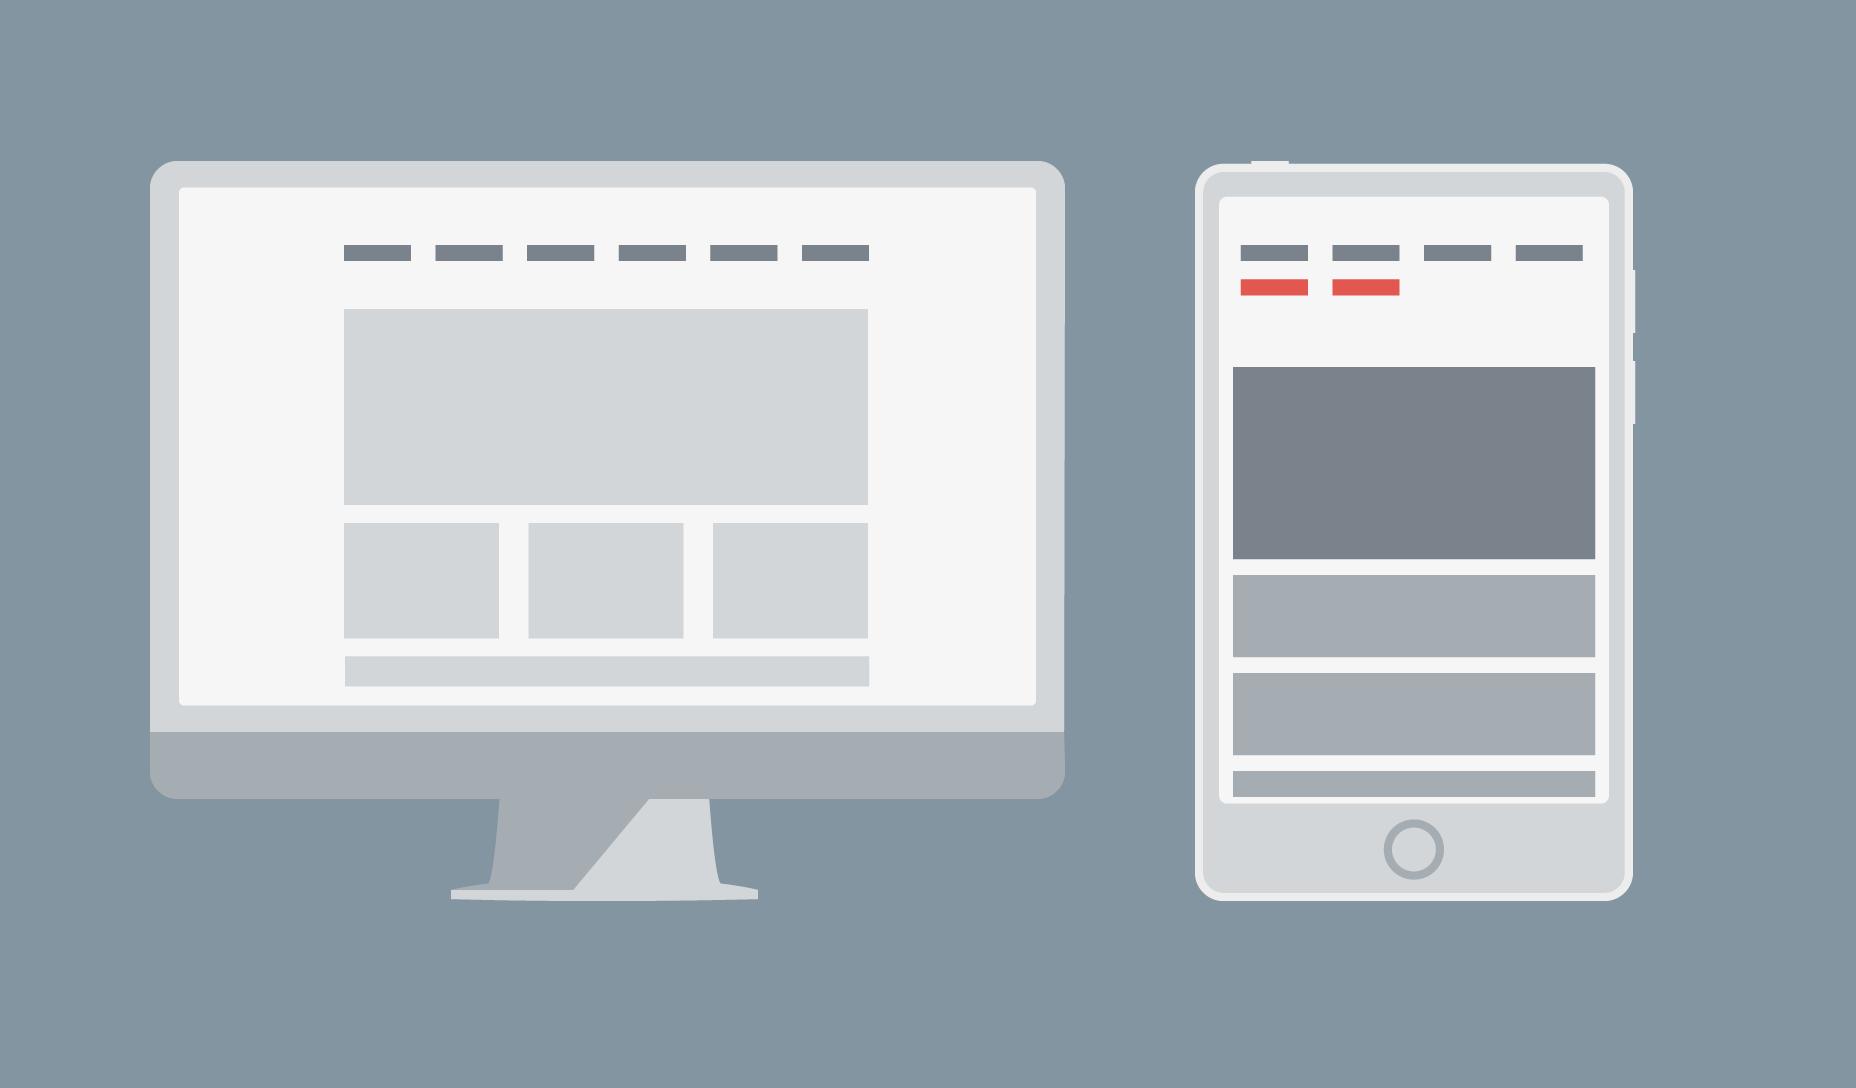 实用干货!聊聊3种最常见的响应式设计问题